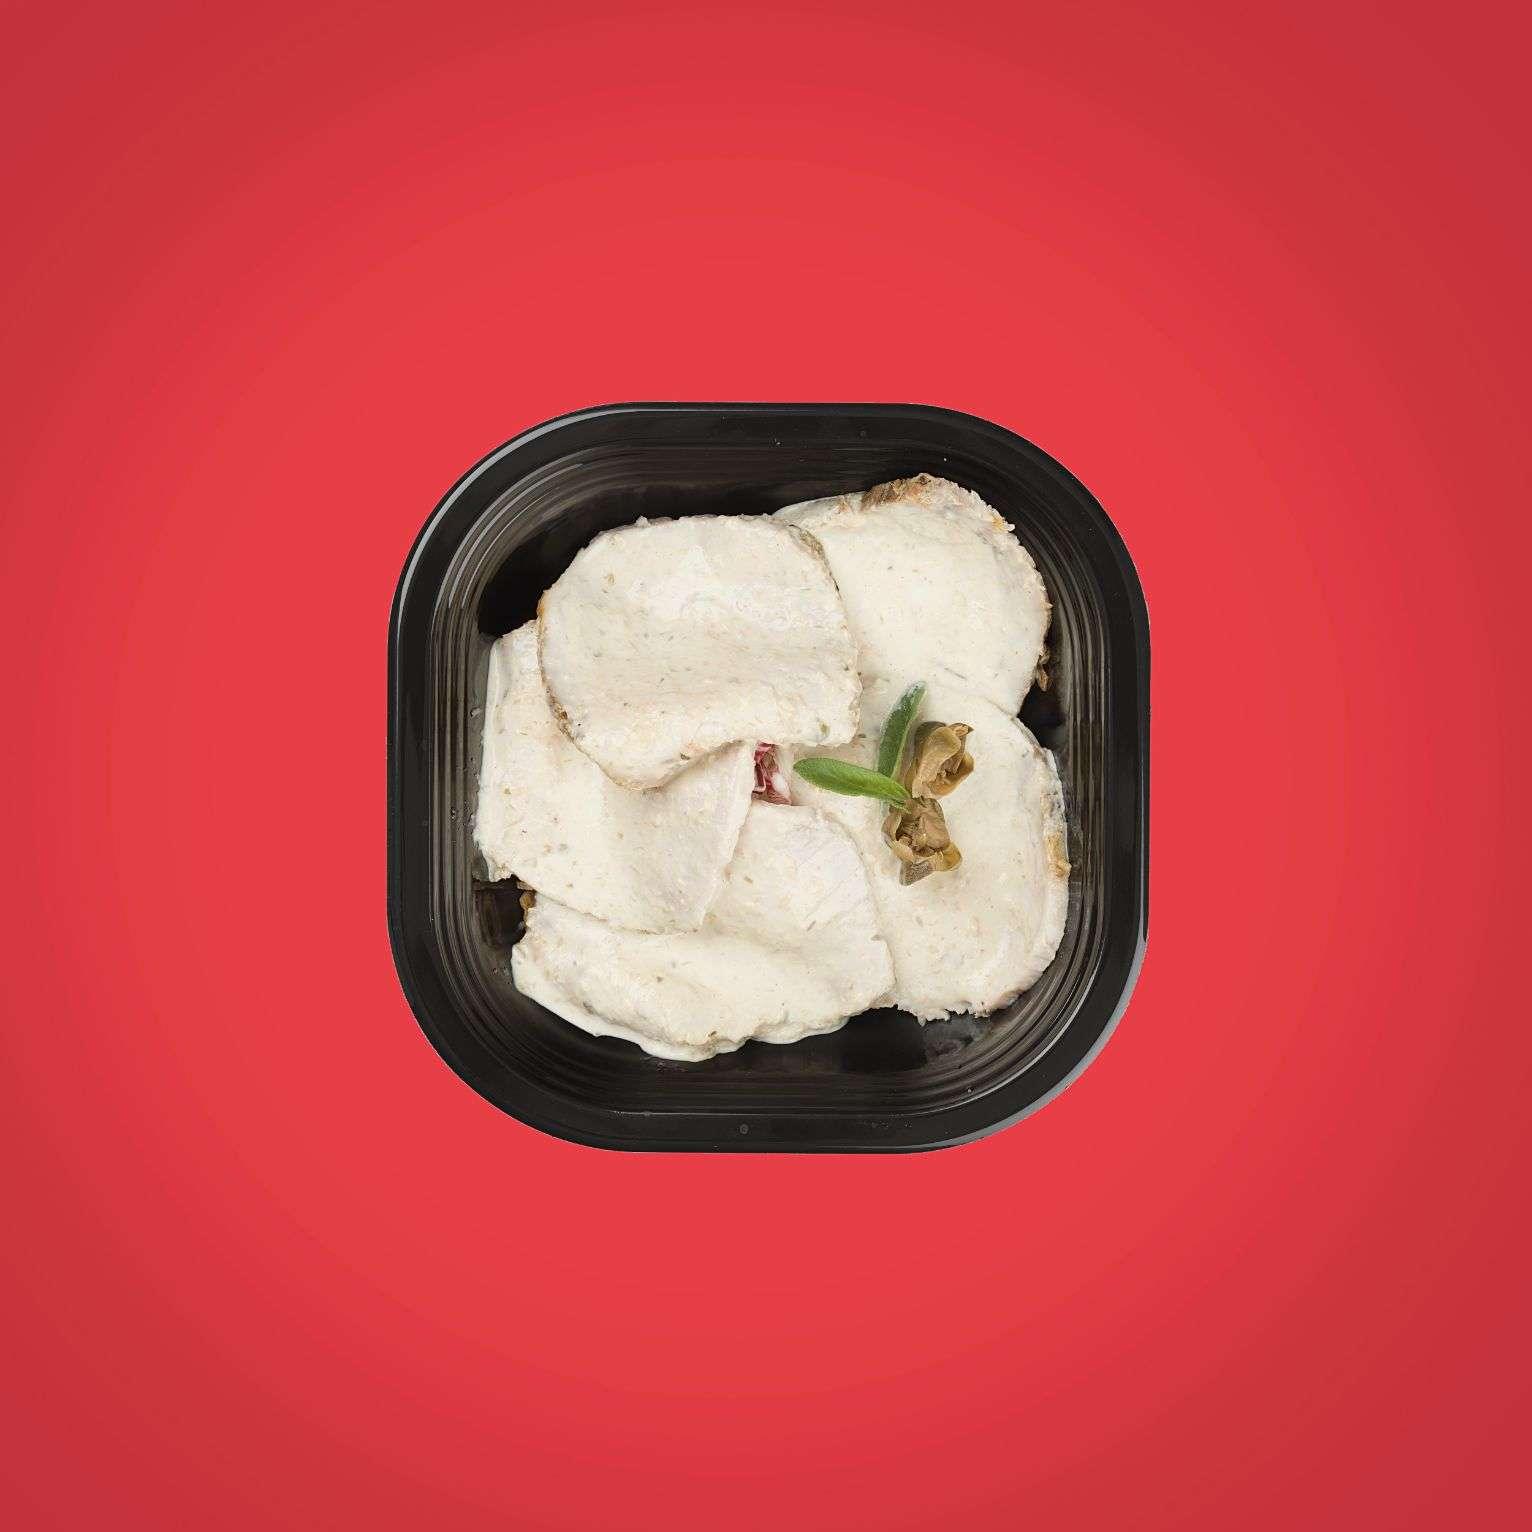 lonza tonnata piatti pronti a domicilio senza glutine